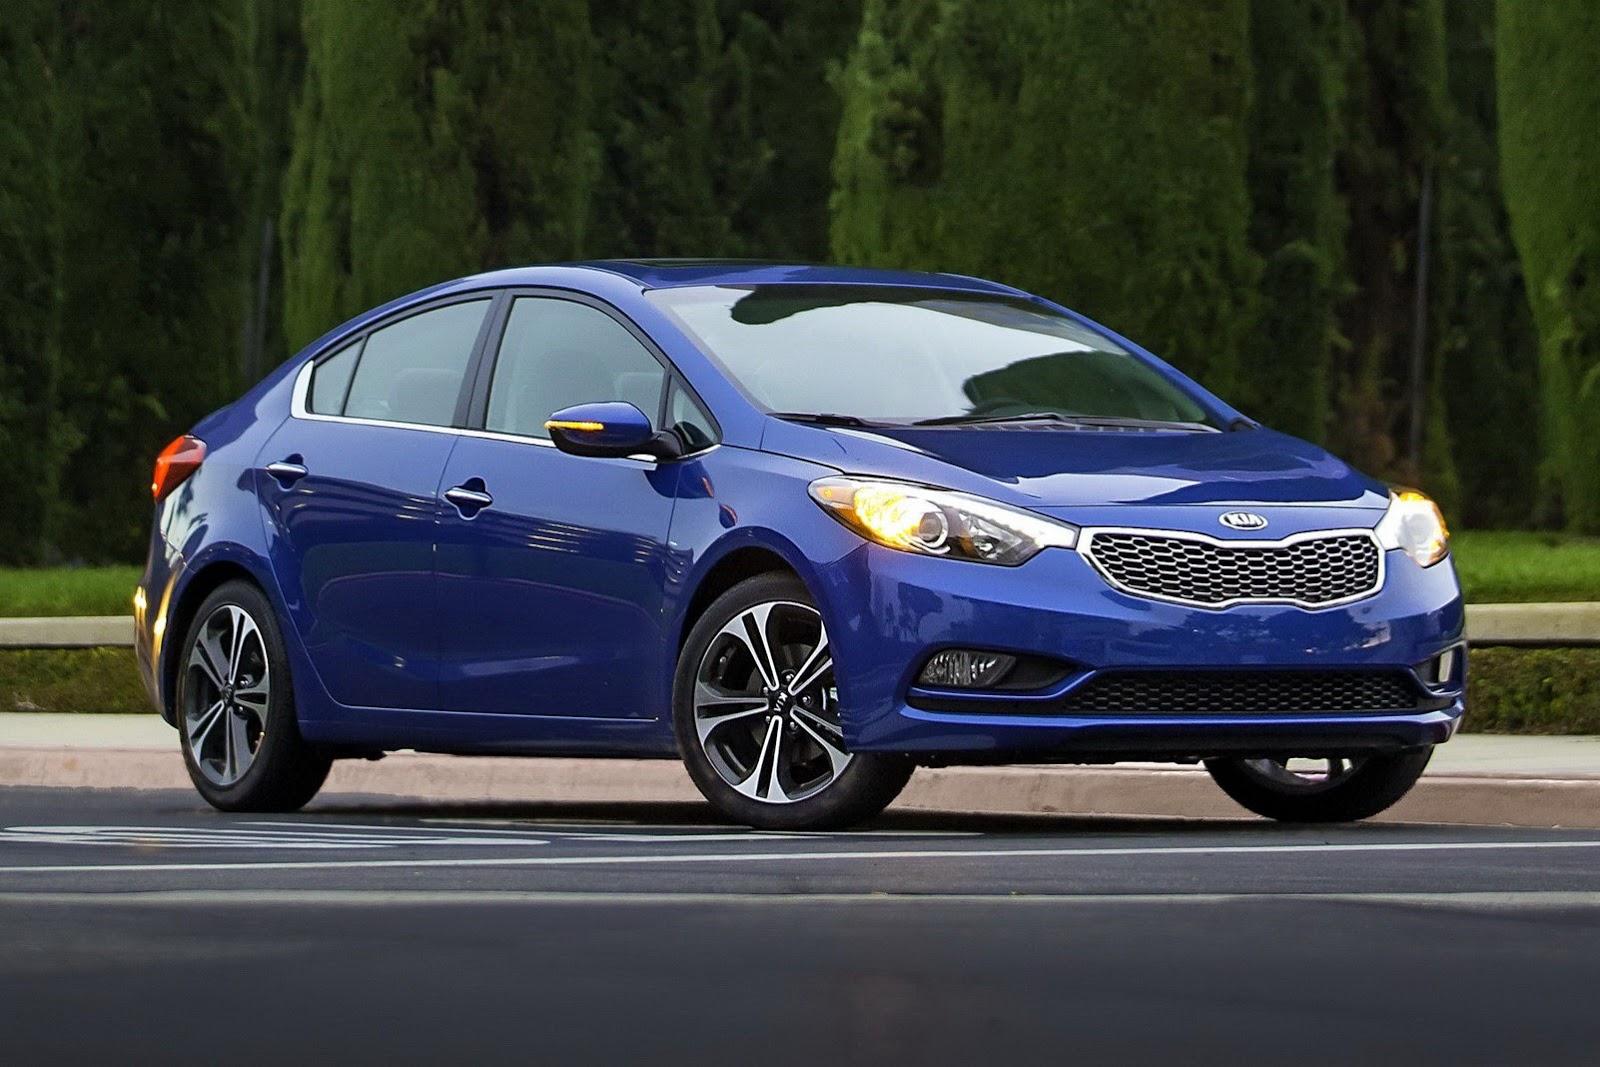 Kia Forte được đánh giá 5 sao về độ an toàn cho người dùng